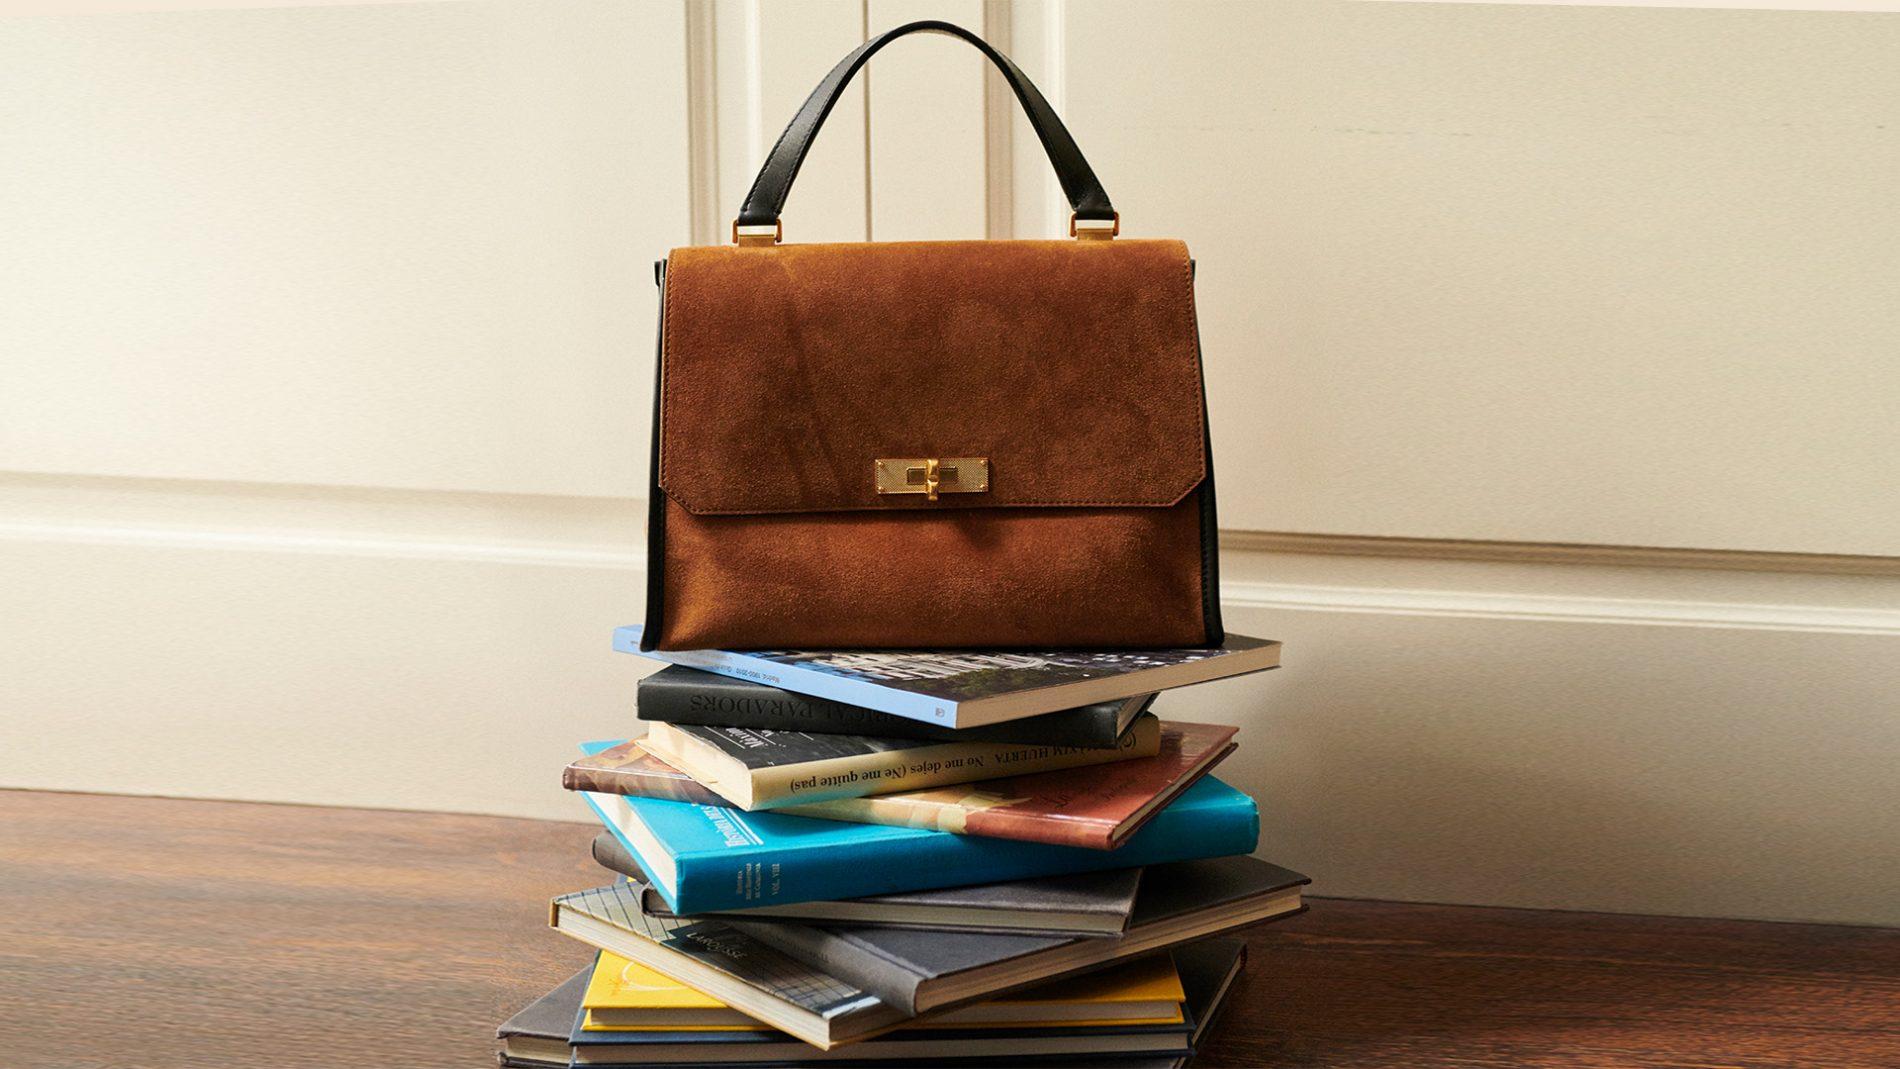 El Corte Inglés Designer Handbags Bally